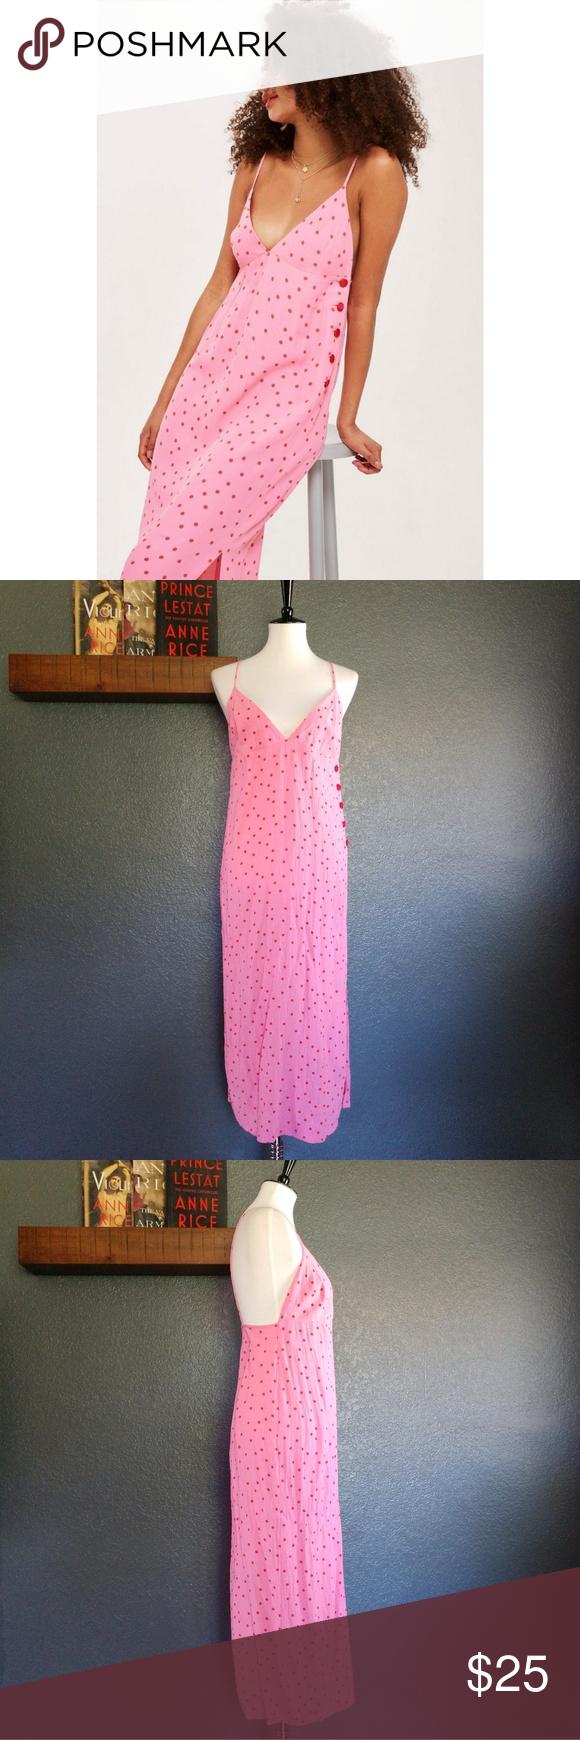 1f4af17179139 TOPSHOP Red & Pink Spot/Polka Dot Midi Dress 10 Red spots on pink